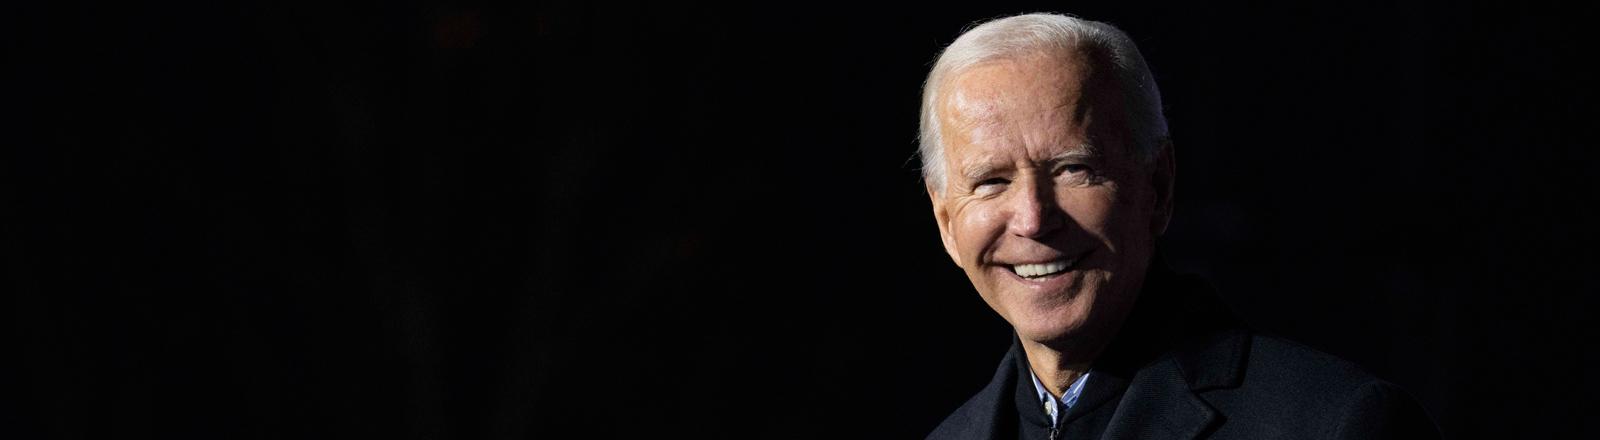 Joe Biden auf einer Wahlkampfveranstaltung am 31.10.2020.